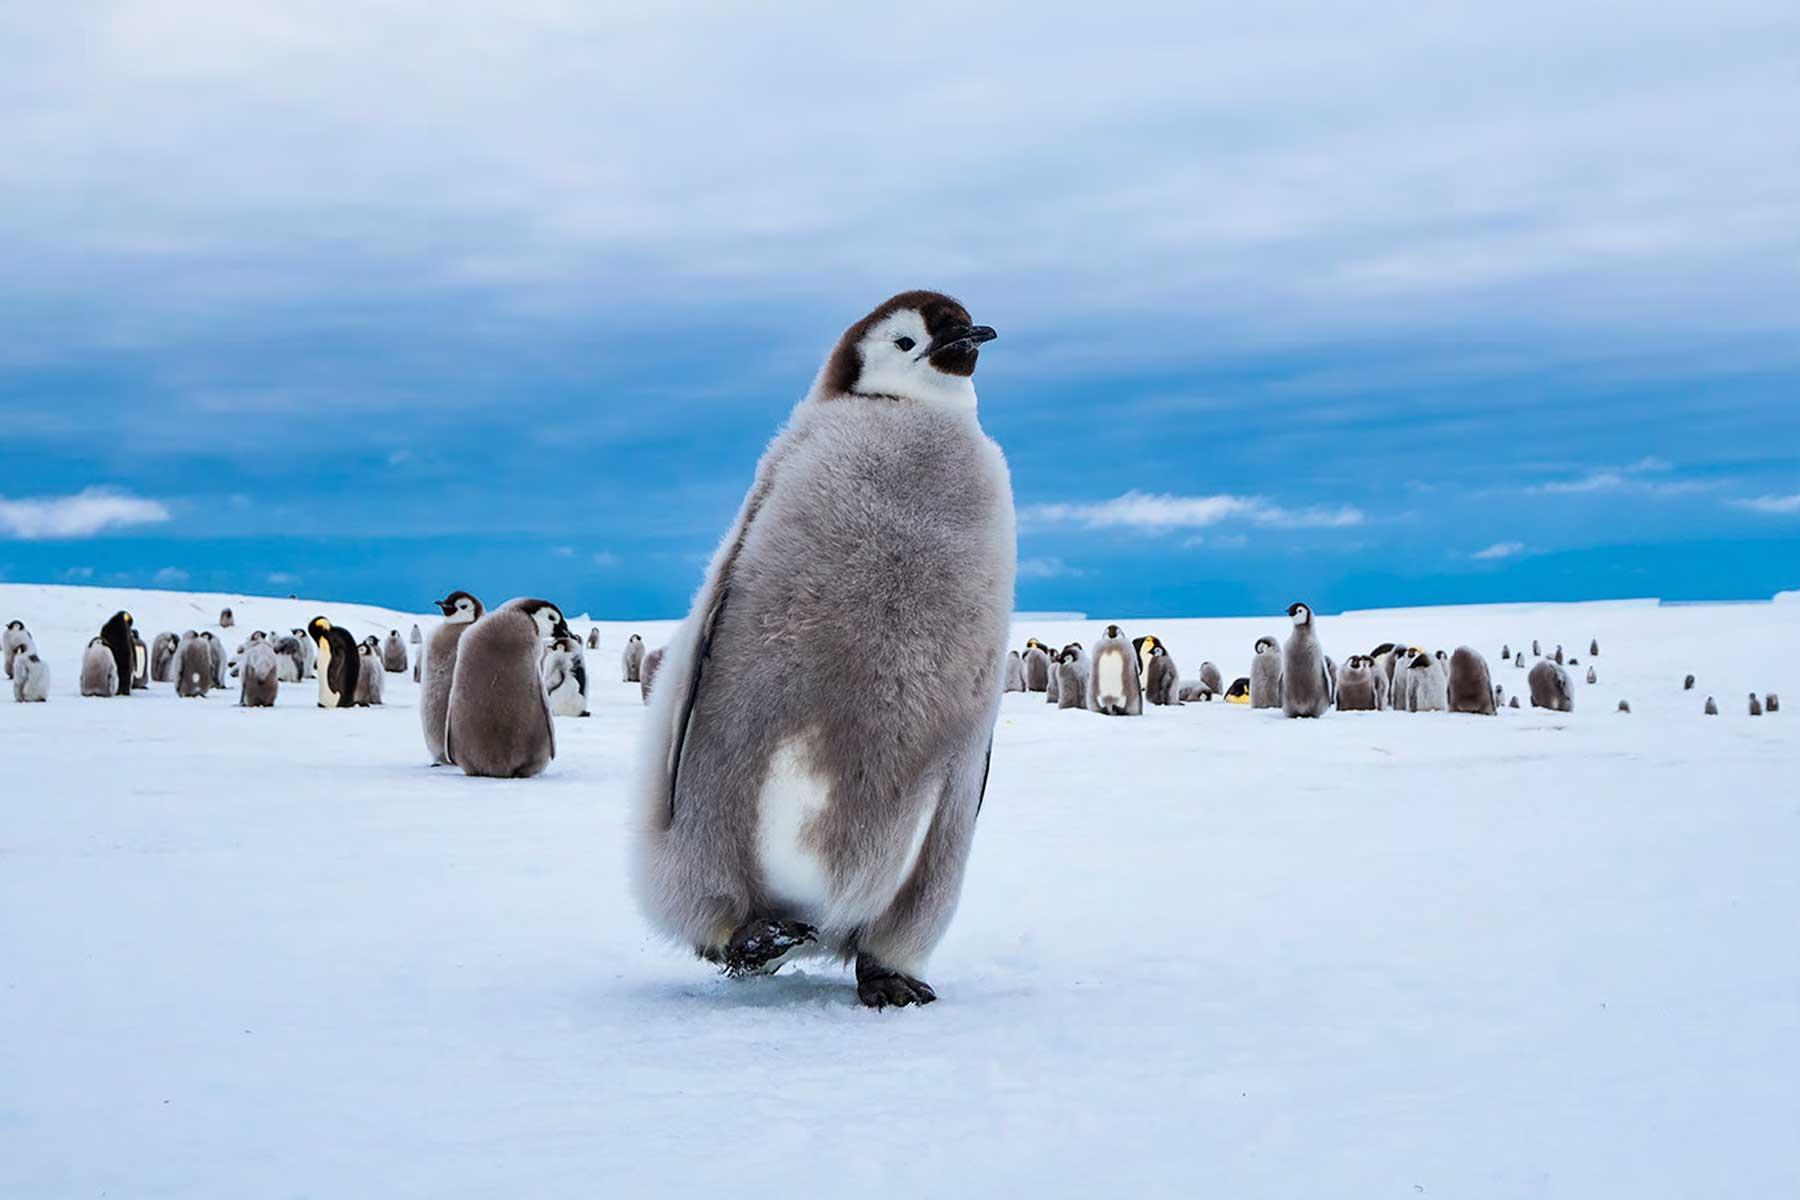 帝企鹅宝宝